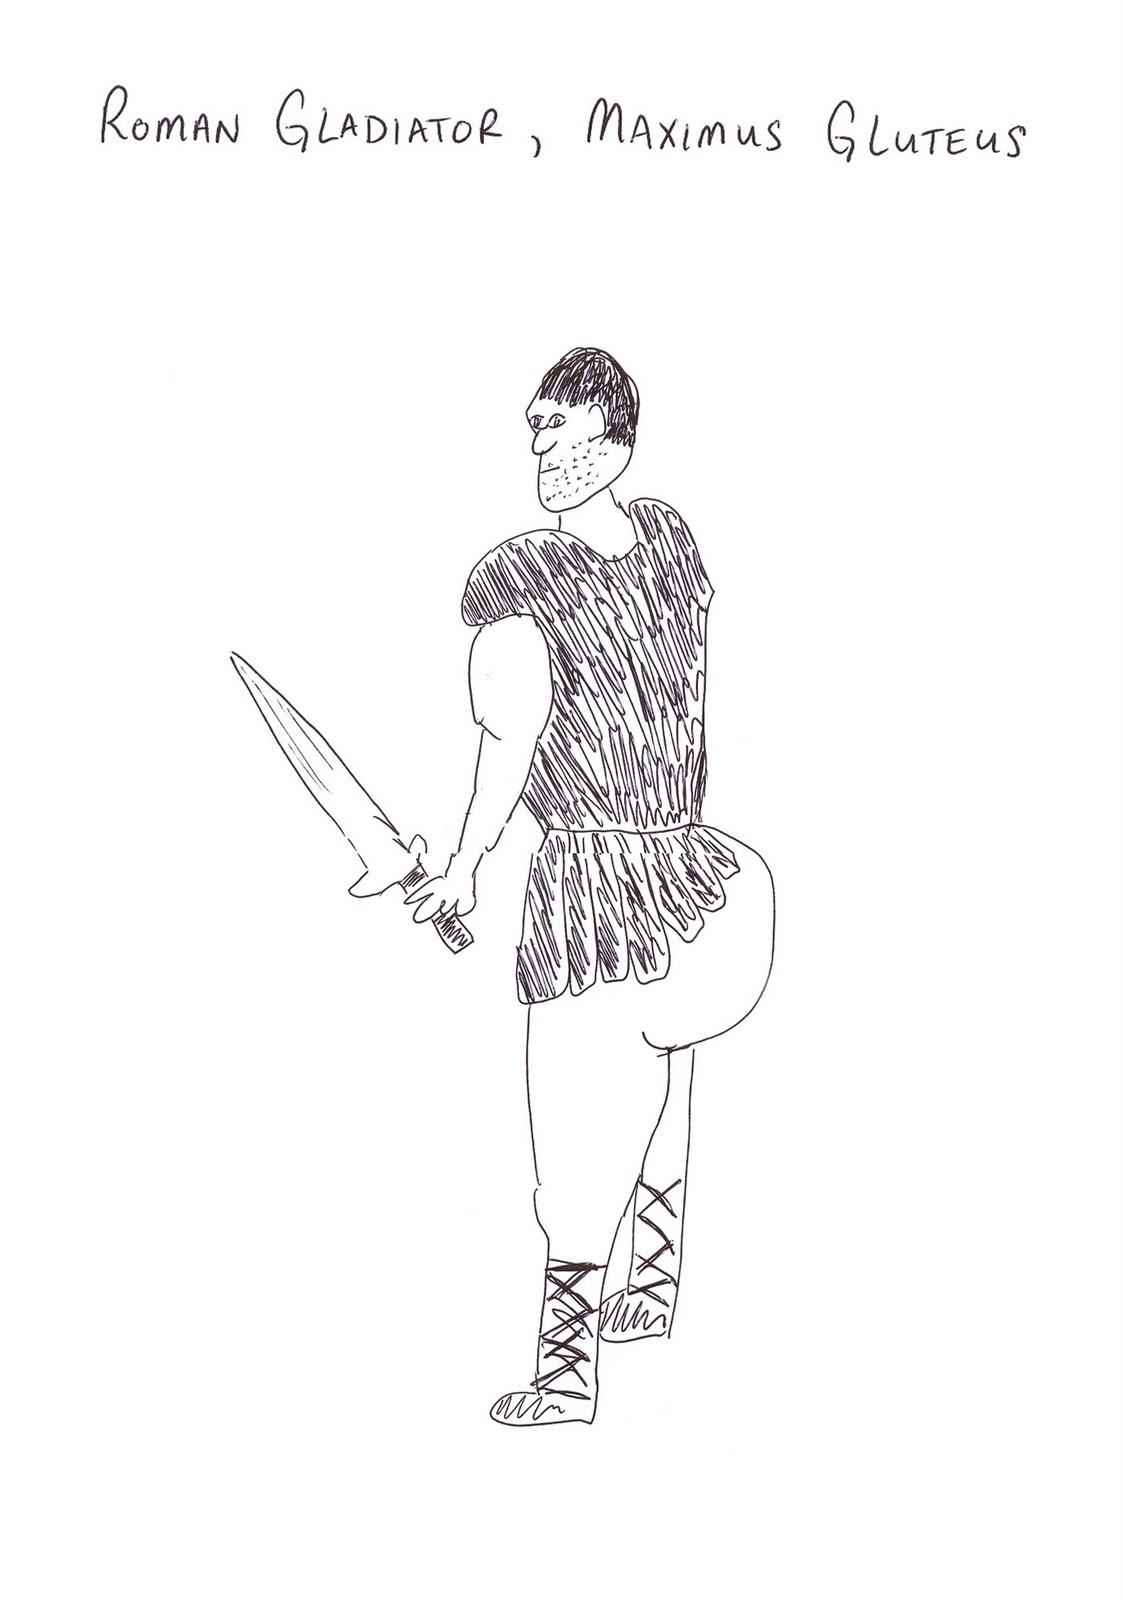 Roman Gladiator Drawing Roman gladiator, maximus